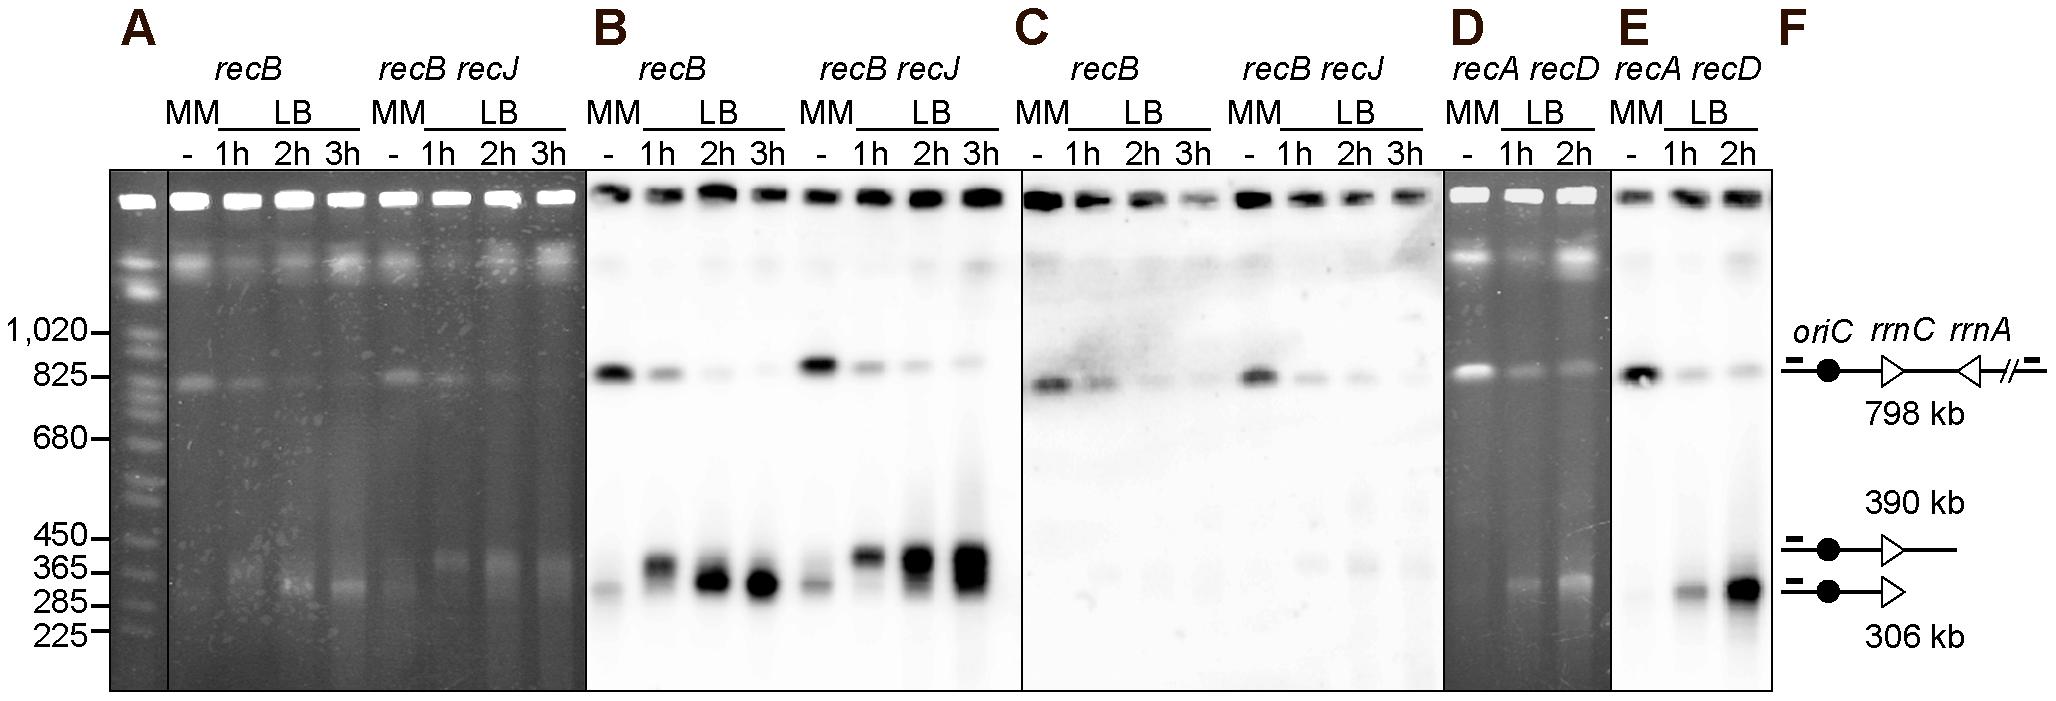 Chromosome breakage in InvA <i>recB</i> and InvA <i>recA recD</i> mutants.